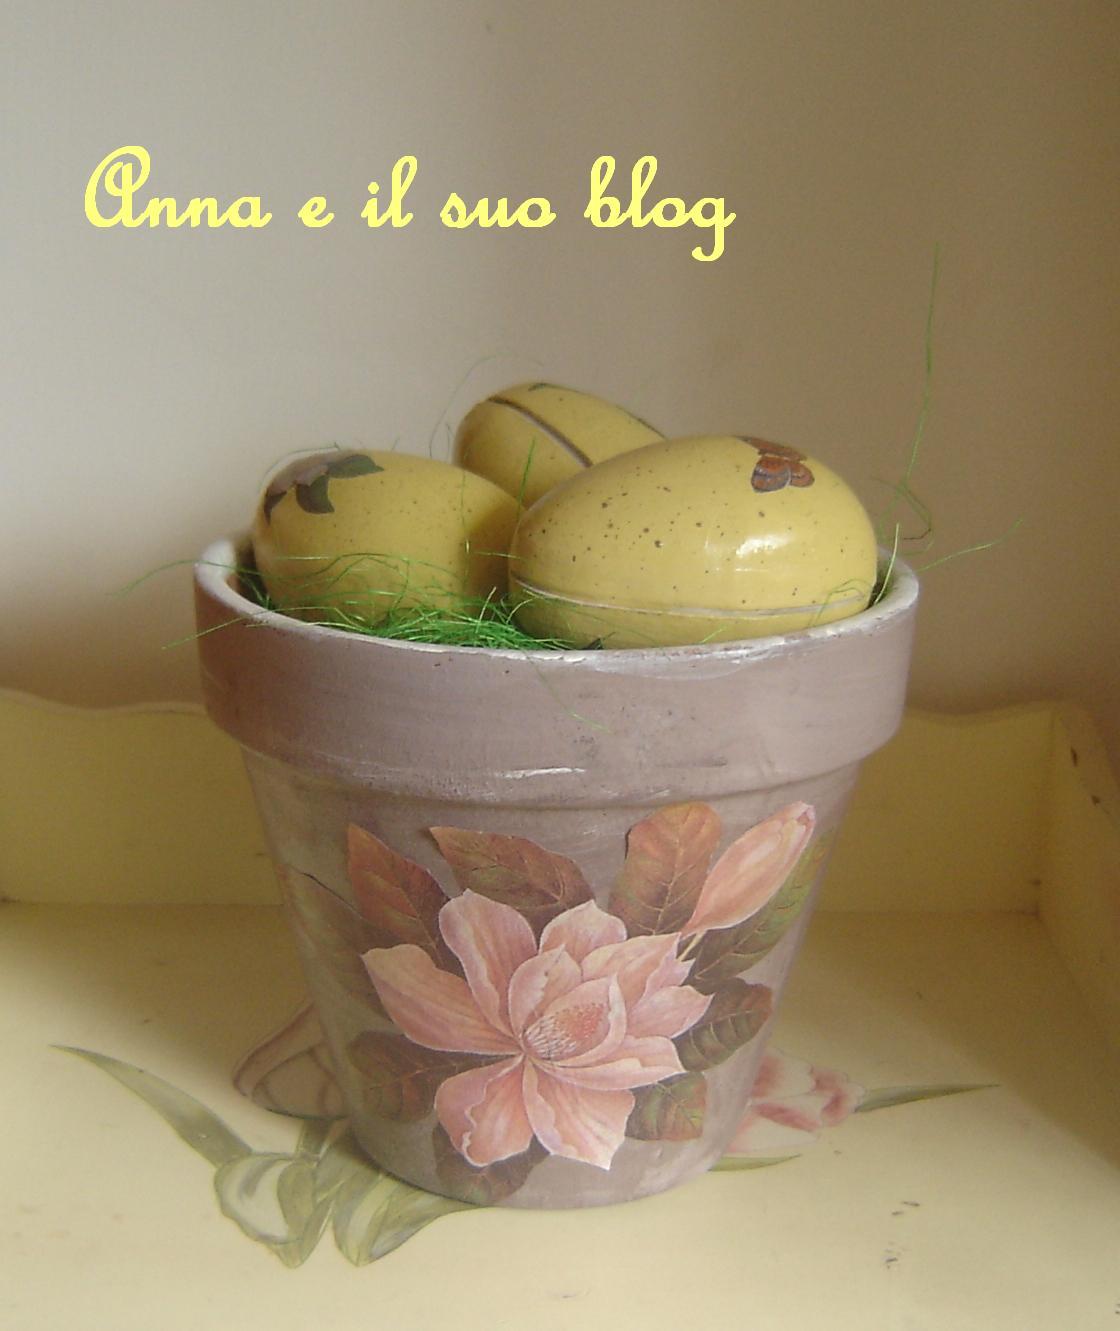 anna e il suo blog: marzo 2012